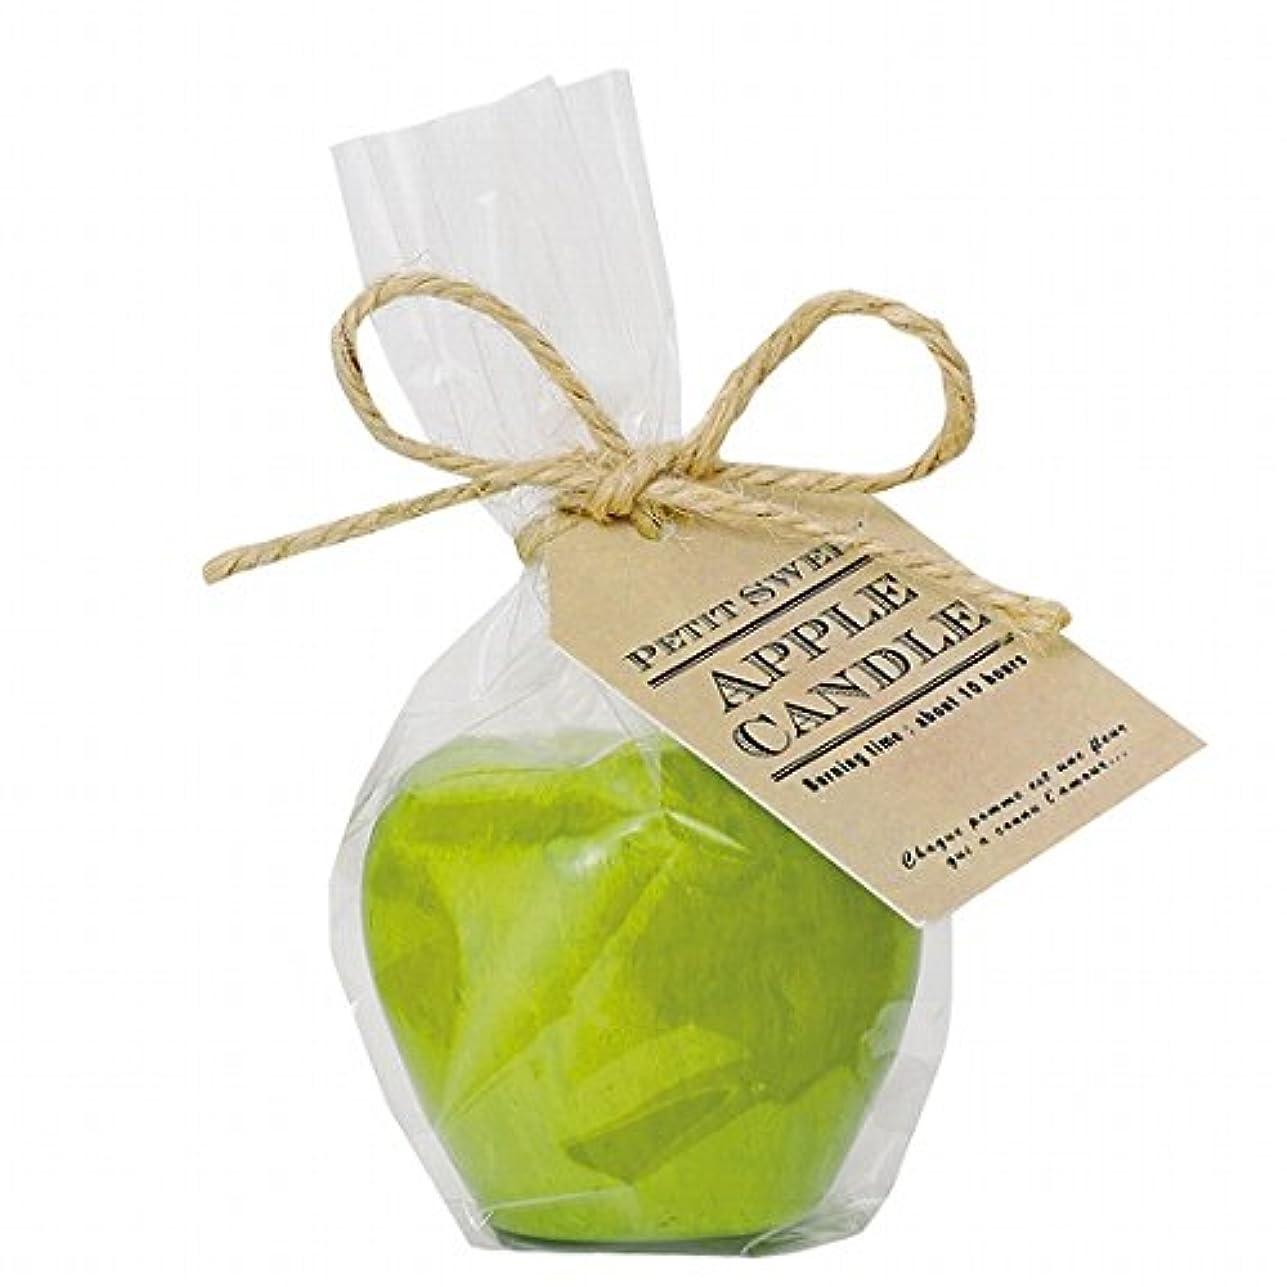 スノーケル床を掃除する共感するカメヤマキャンドル(kameyama candle) プチスイートアップルキャンドル 「 グリーン 」